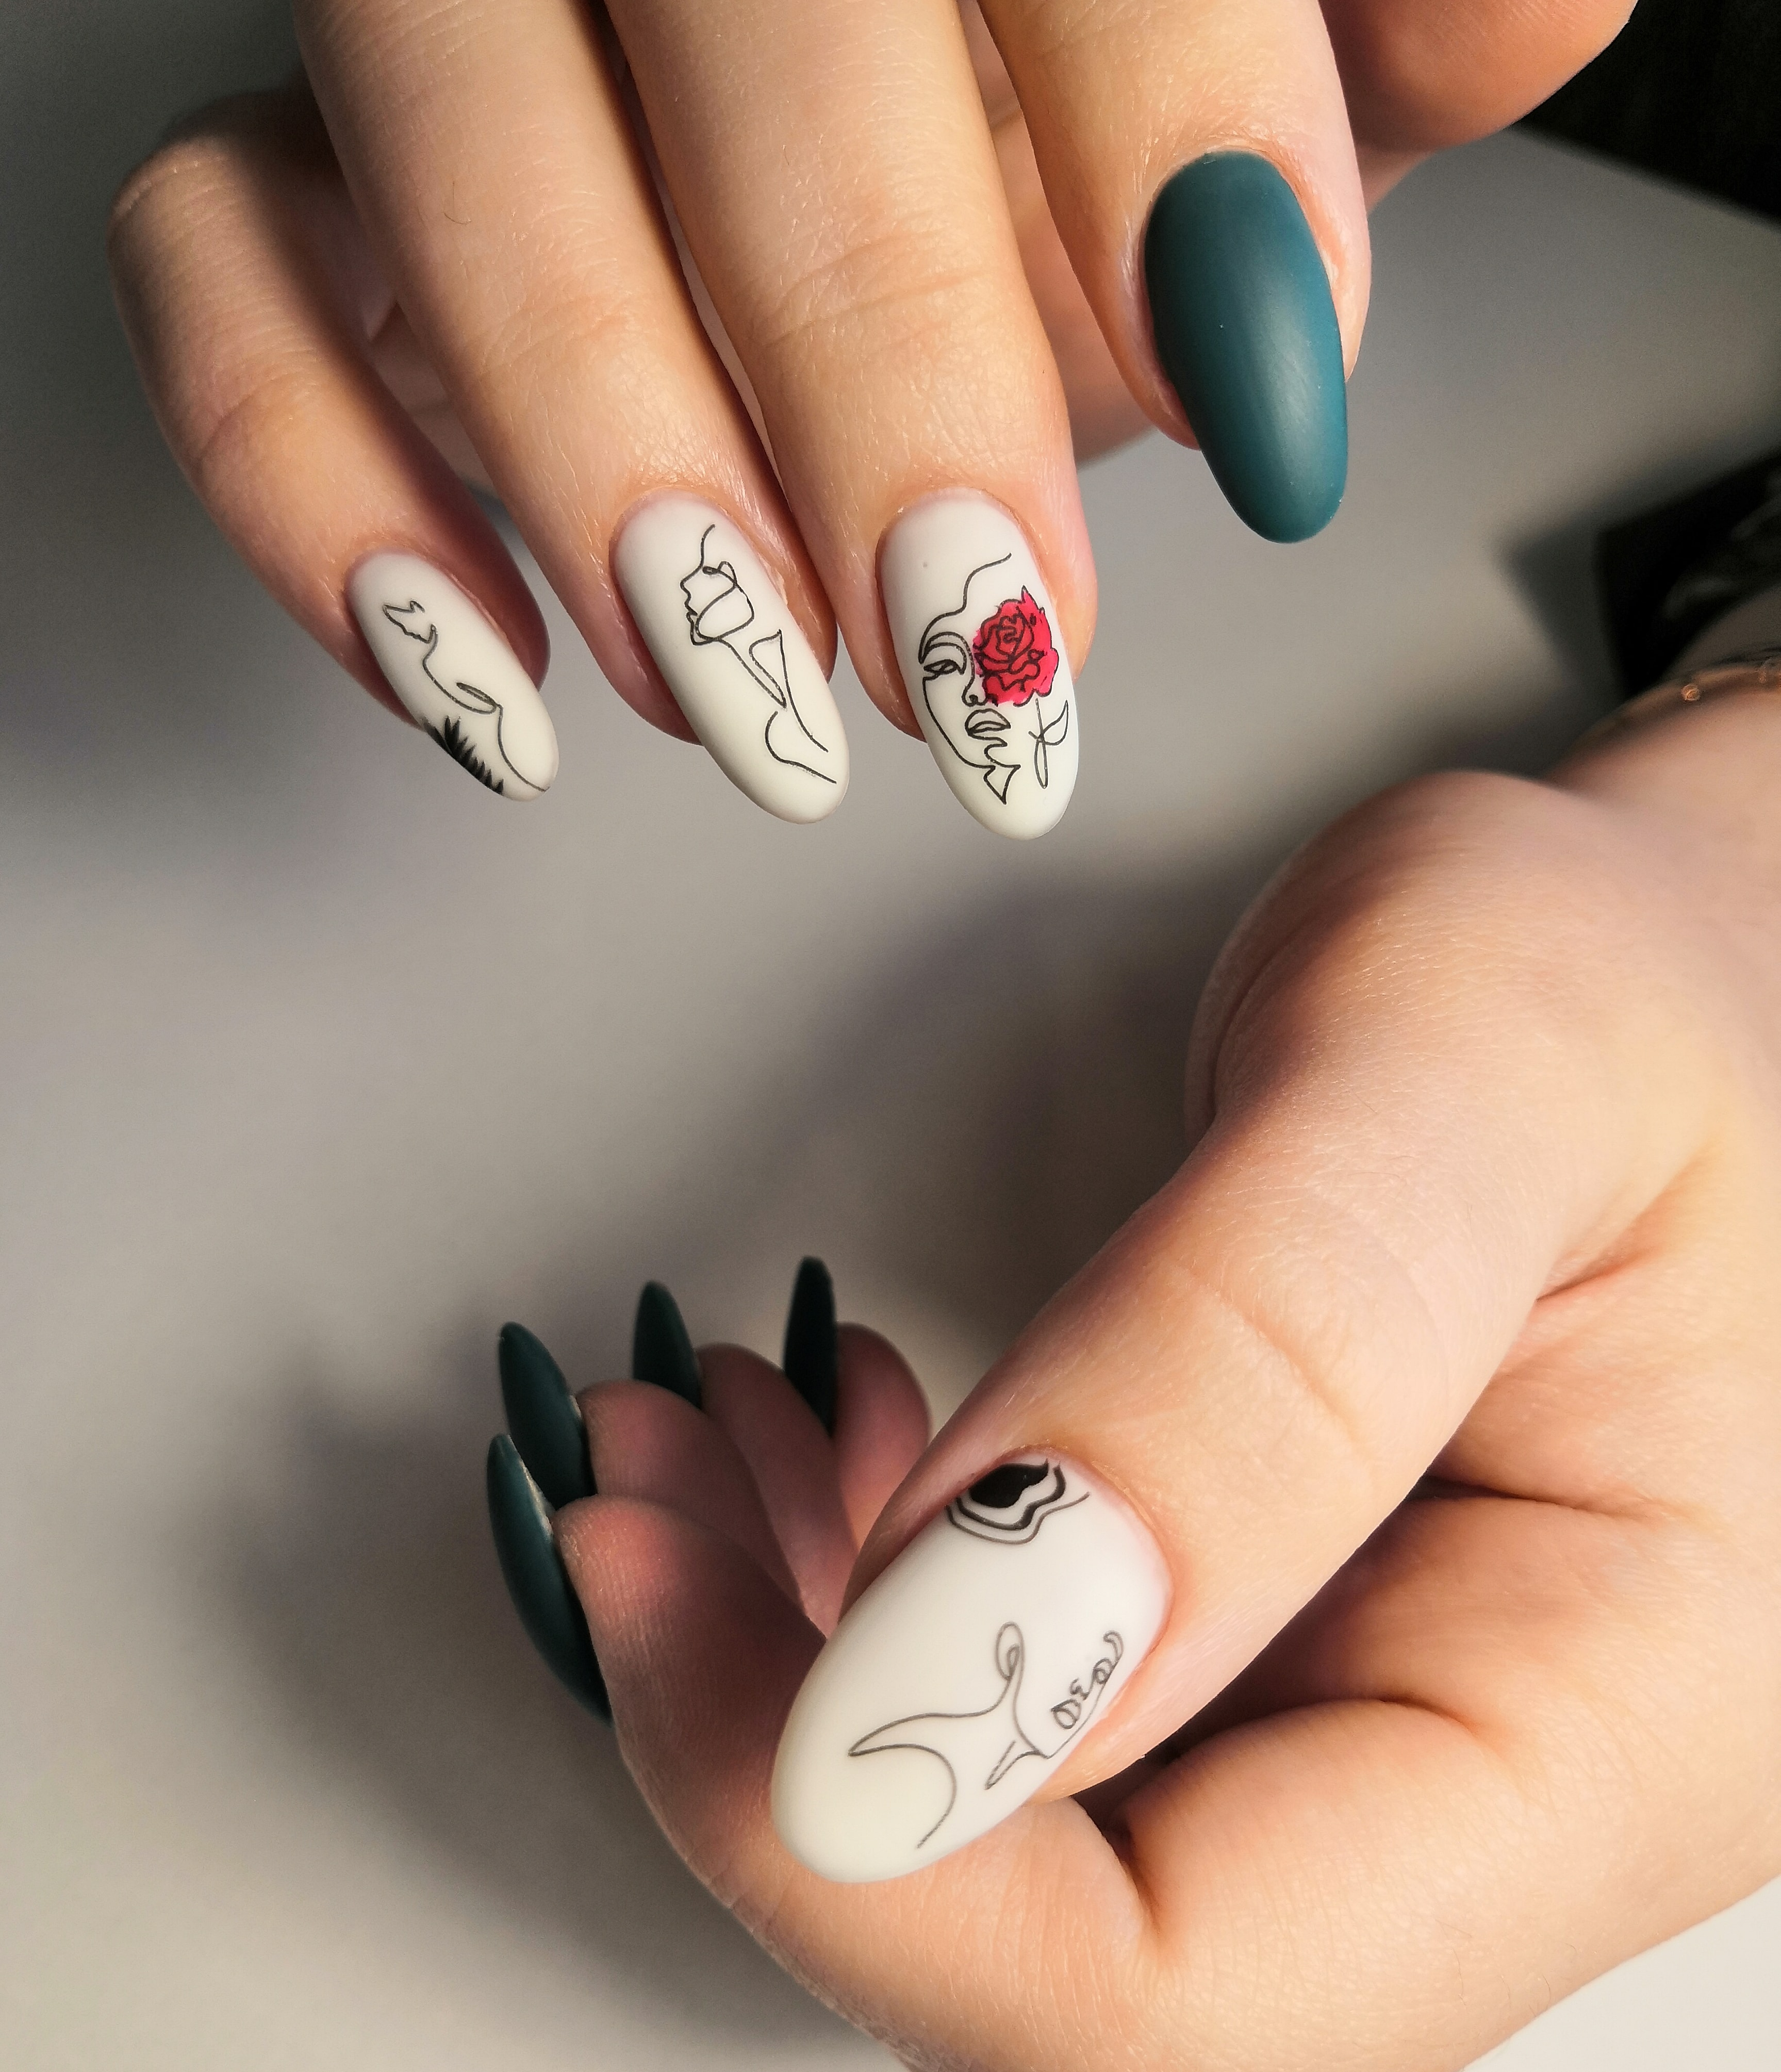 Контрастный матовый маникюр со стемпингом на длинные ногти.